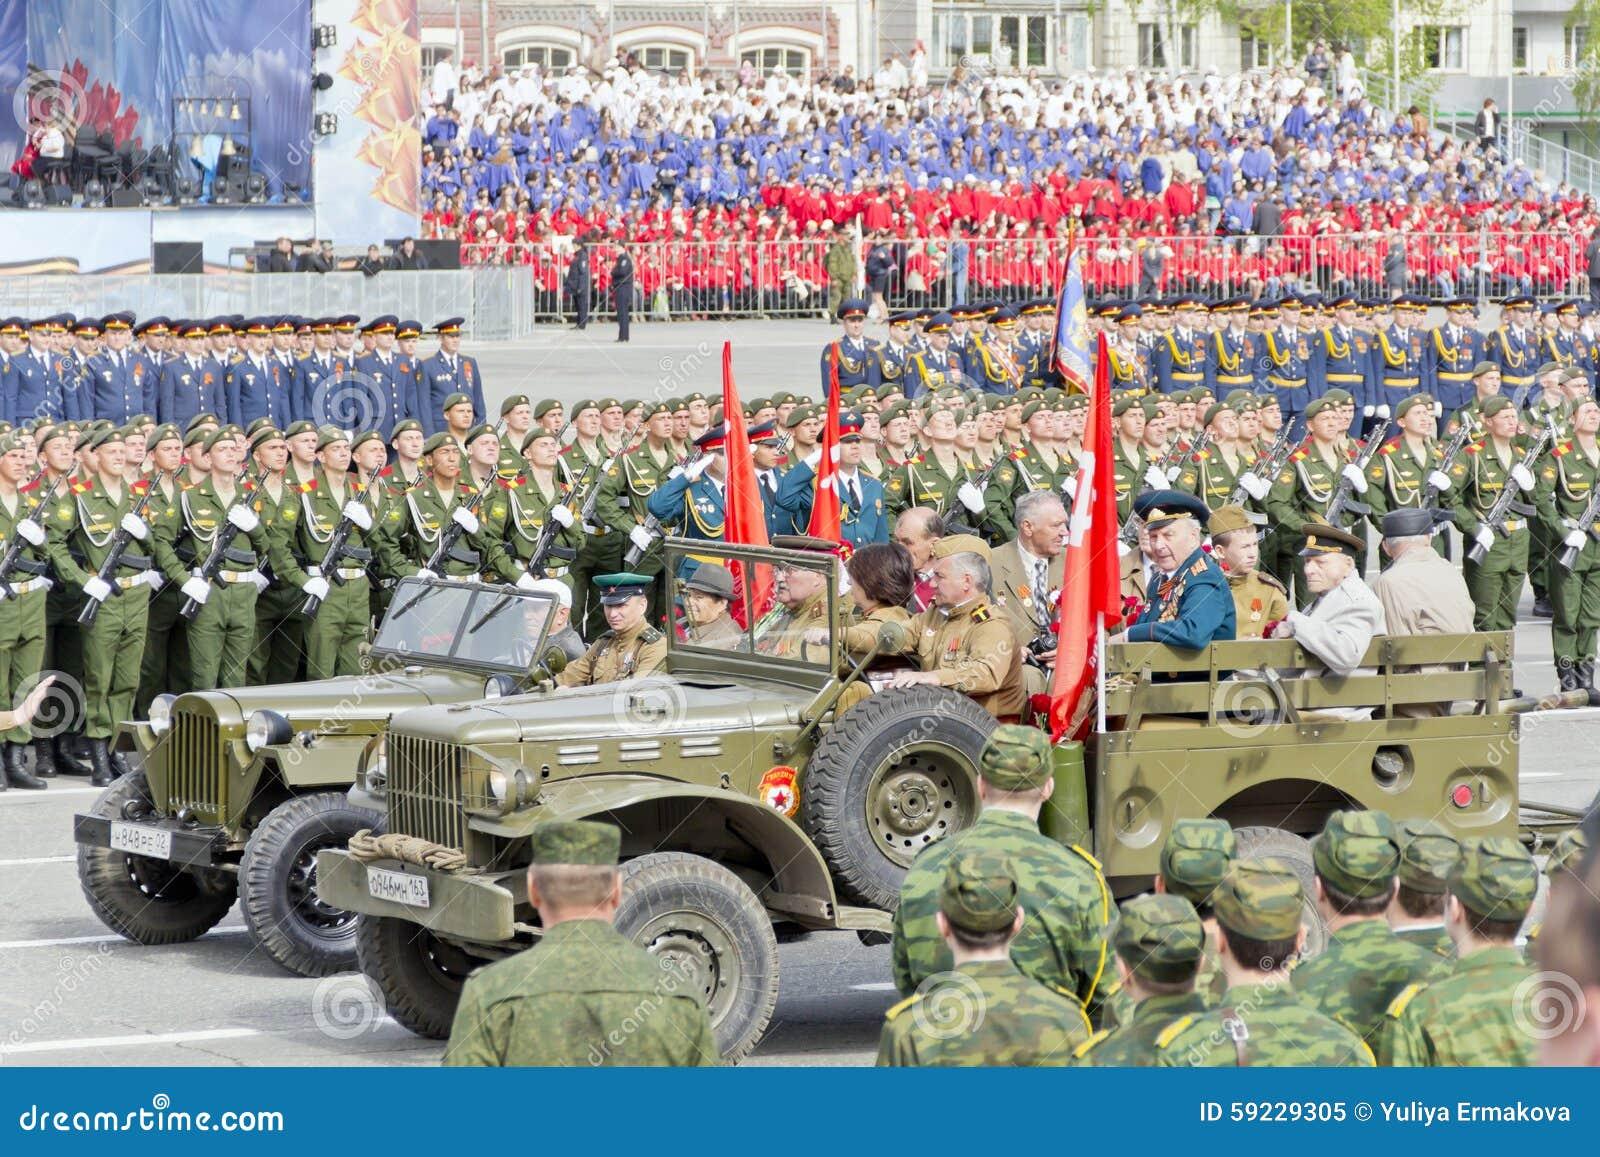 Download Veterano Ruso En El Desfile En Victory Day Anual Imagen editorial - Imagen de caucásico, rusia: 59229305